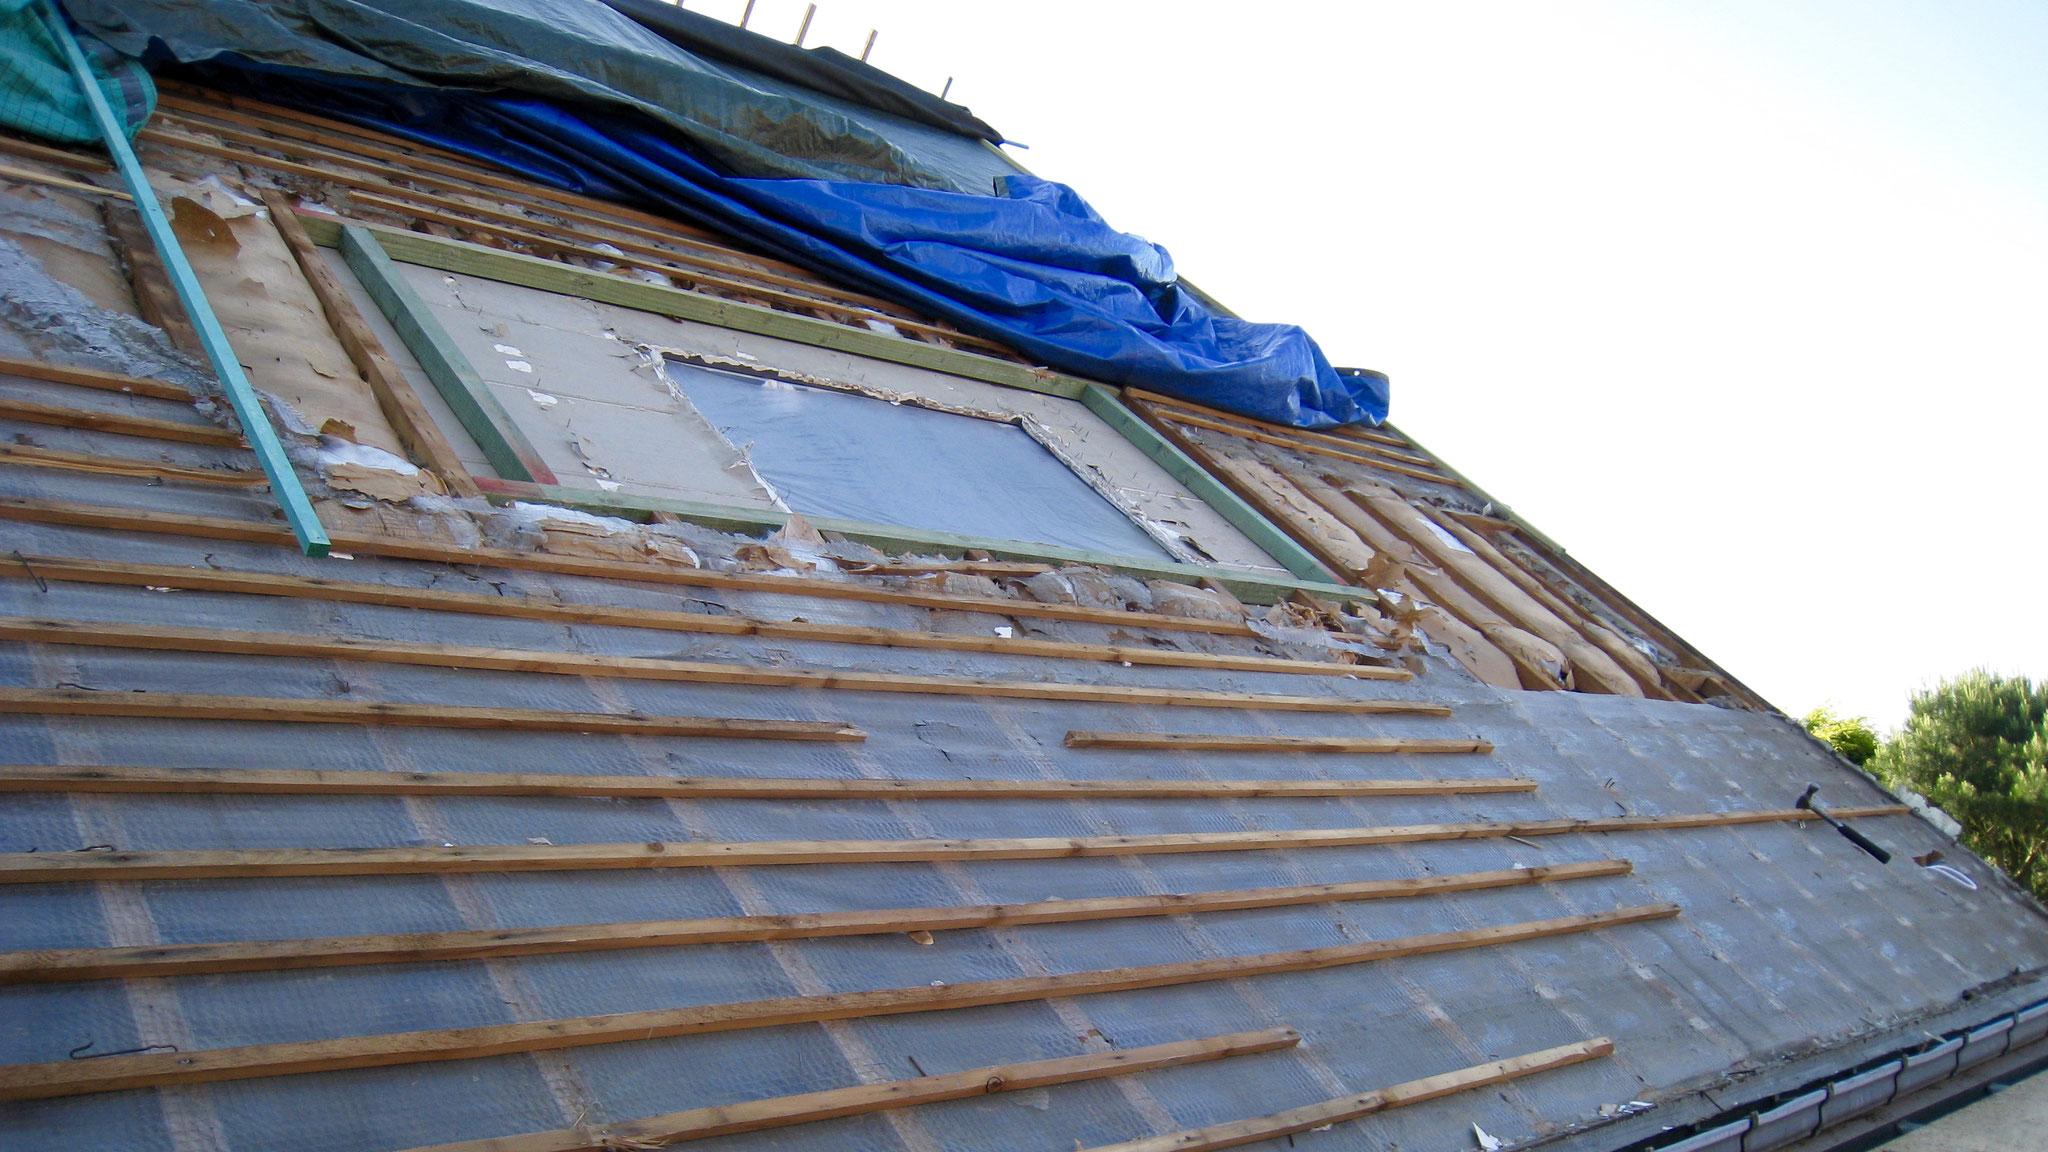 Retrait des anciennes fenêtres de toit Vélux et ouverture pour accueillir les nouvelles fenêtres